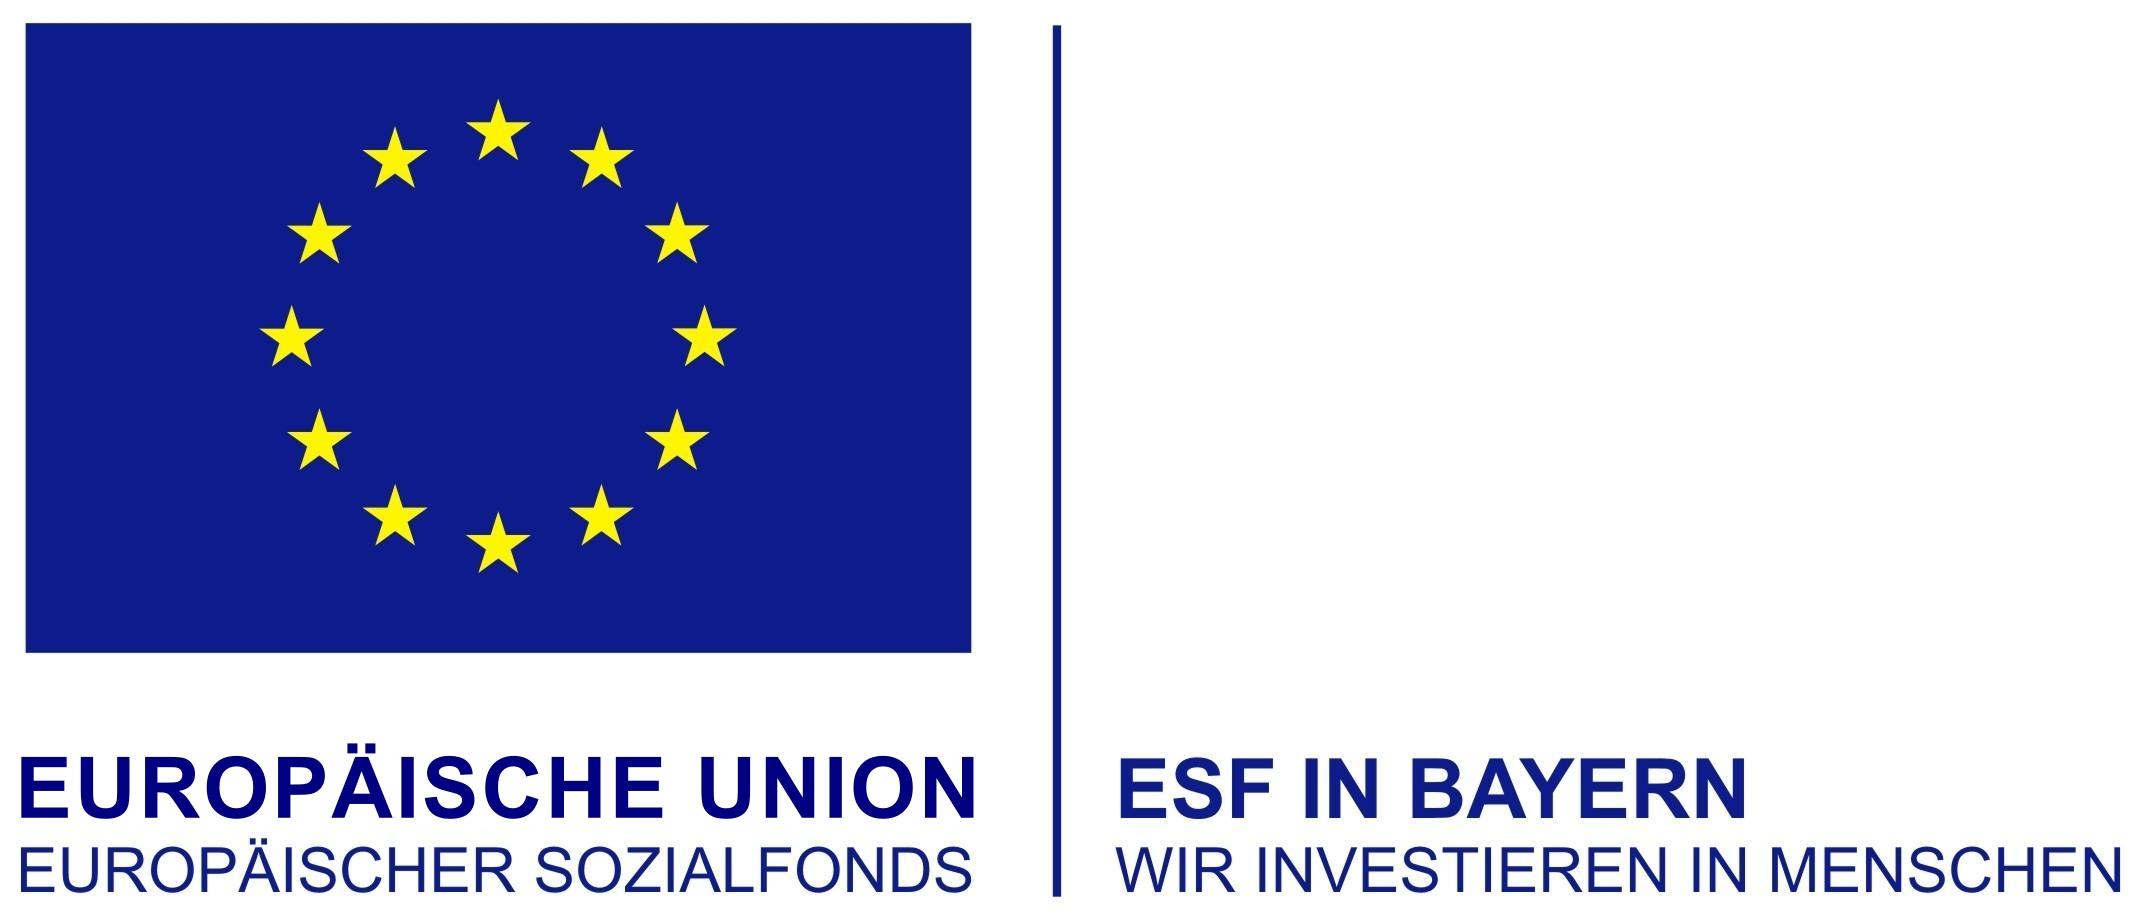 zur Website des Europäischne Sozialfonds in Bayern